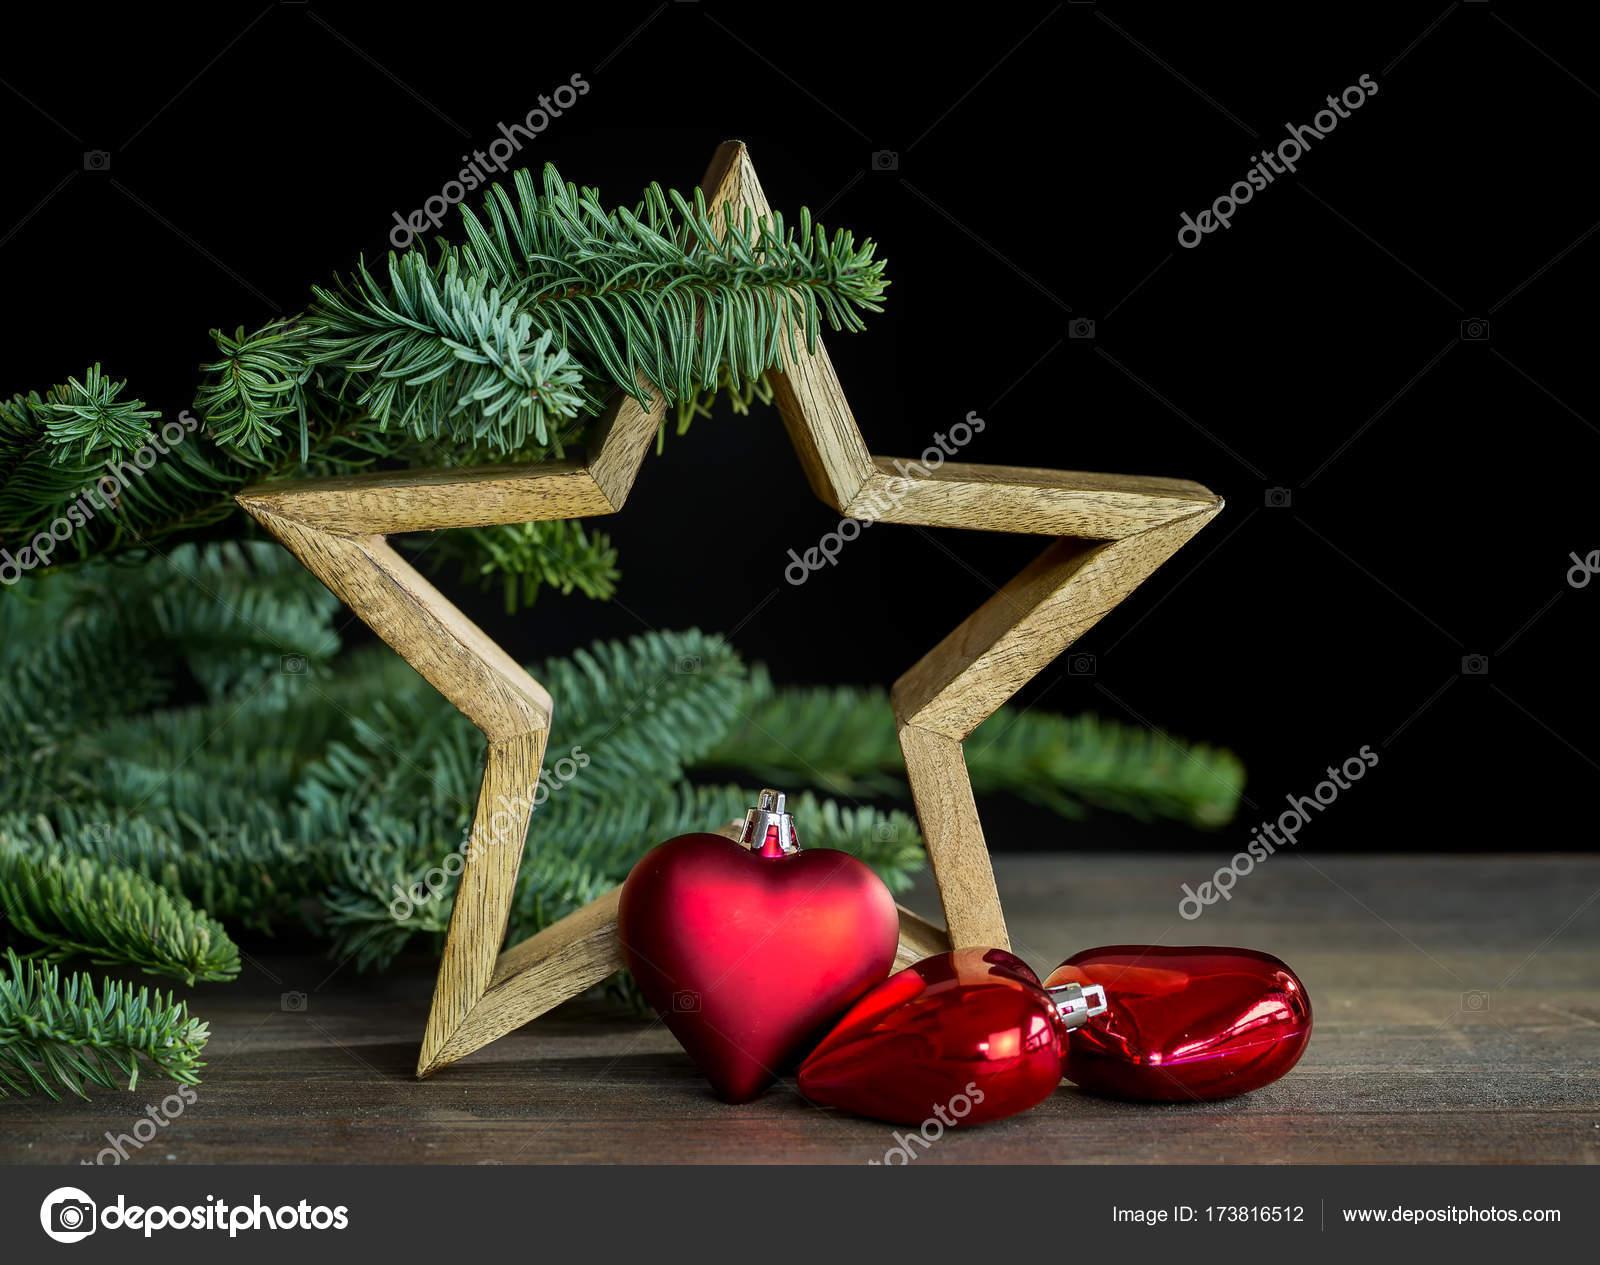 Kerstdecoraties Met Rood : Kerstdecoratie met houten ster en rood hart kerst bal u stockfoto